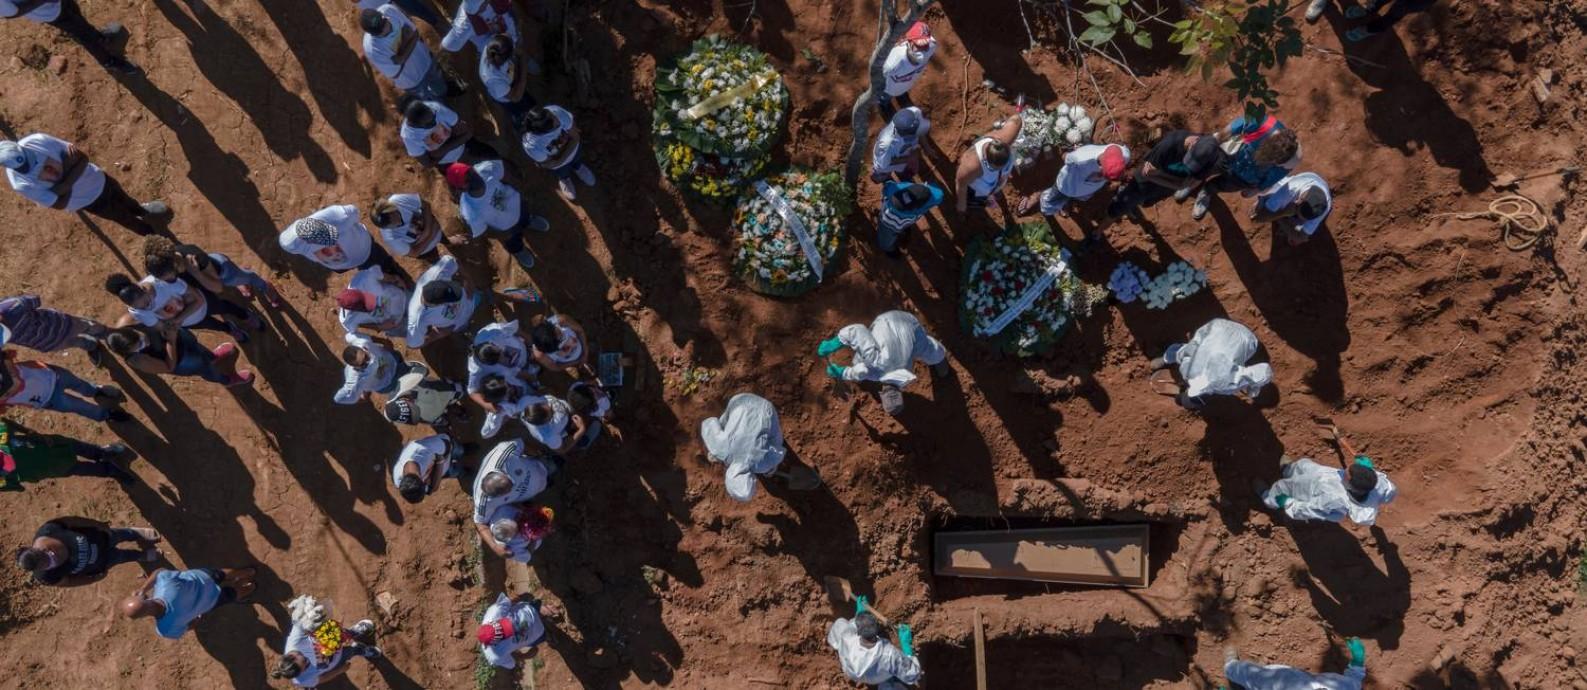 Enterro no cemitério São Luiz, na zona sul de São Paulo. Foto: Caio Guatelli / Agência O Globo